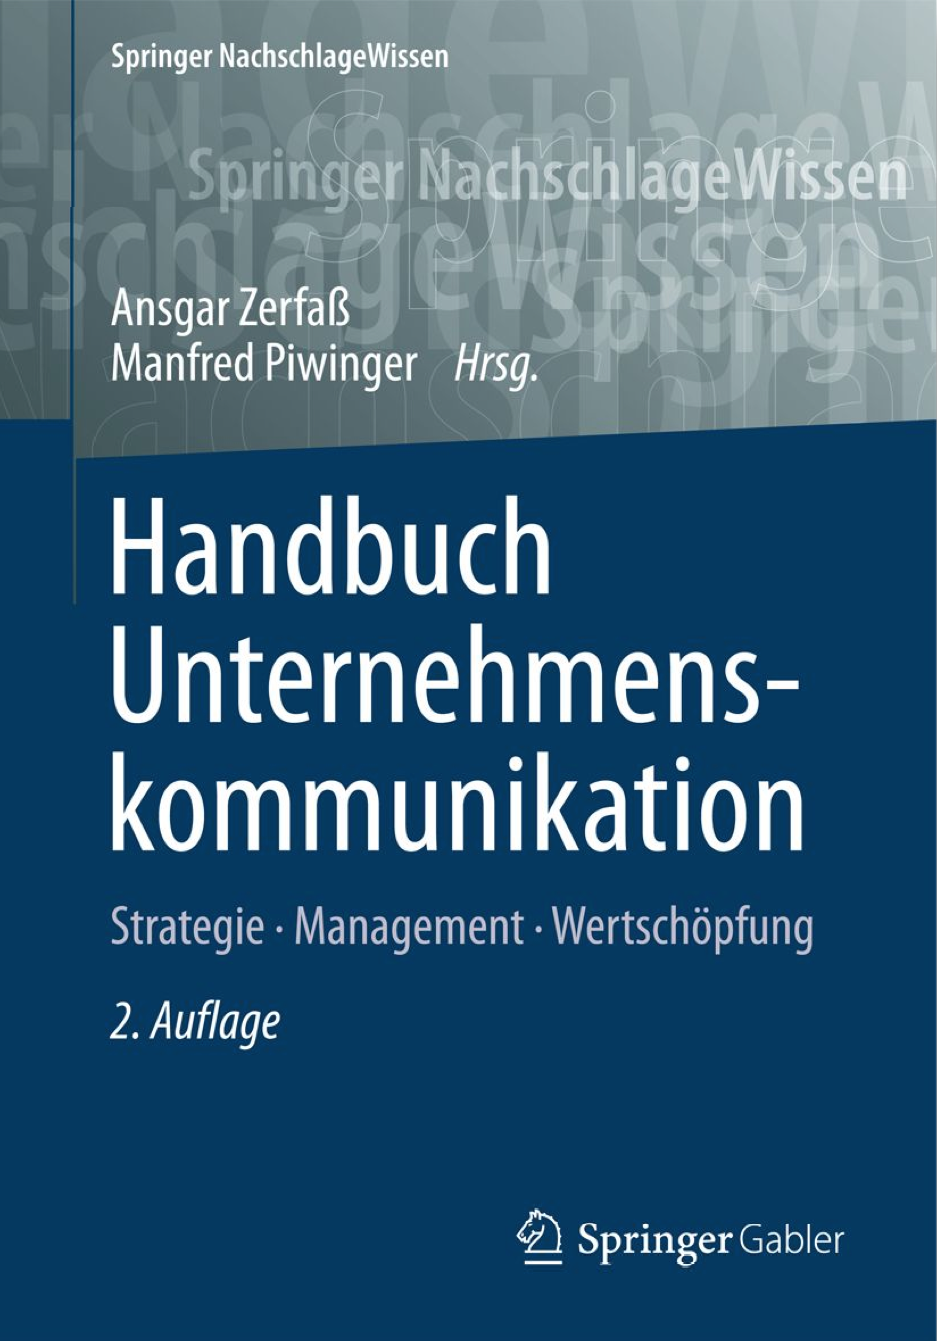 Handbuch-Unternehmenskommunikation-Zerfass-Piwinger-2014